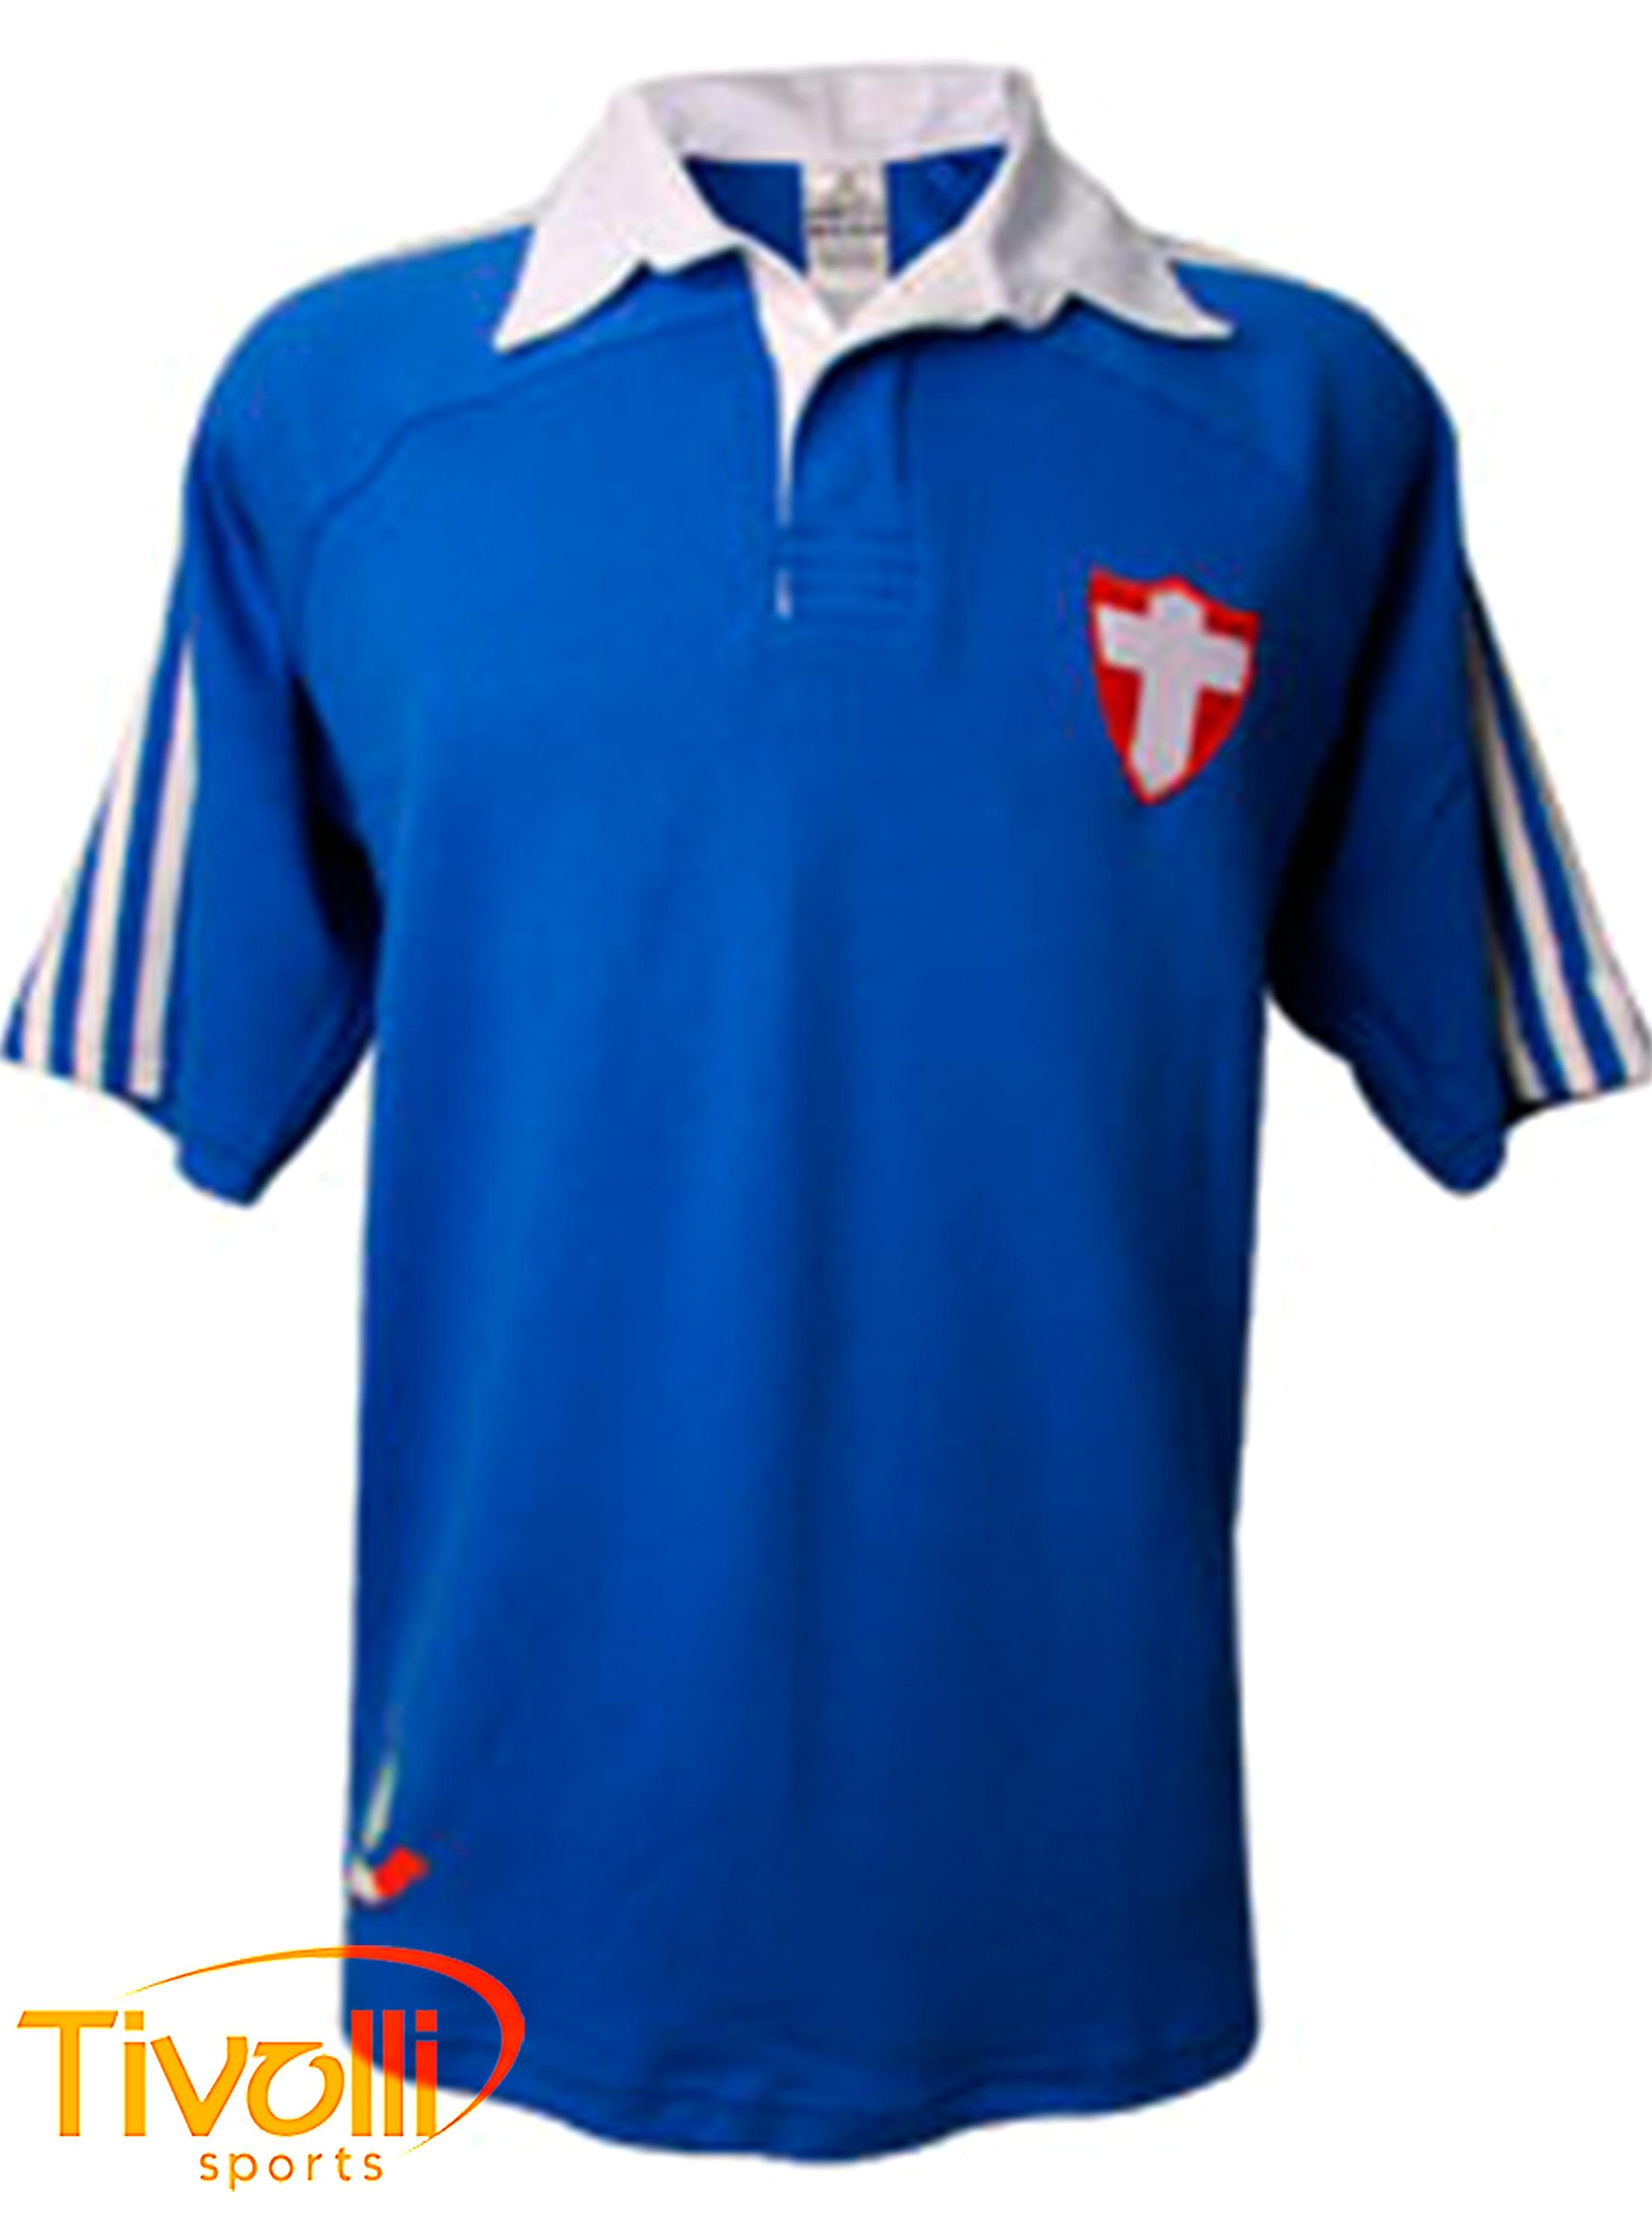 756c86f85e Camisa Palestra Italia Adidas Azzurra Palmeiras cruz de Savóia masculina  azul